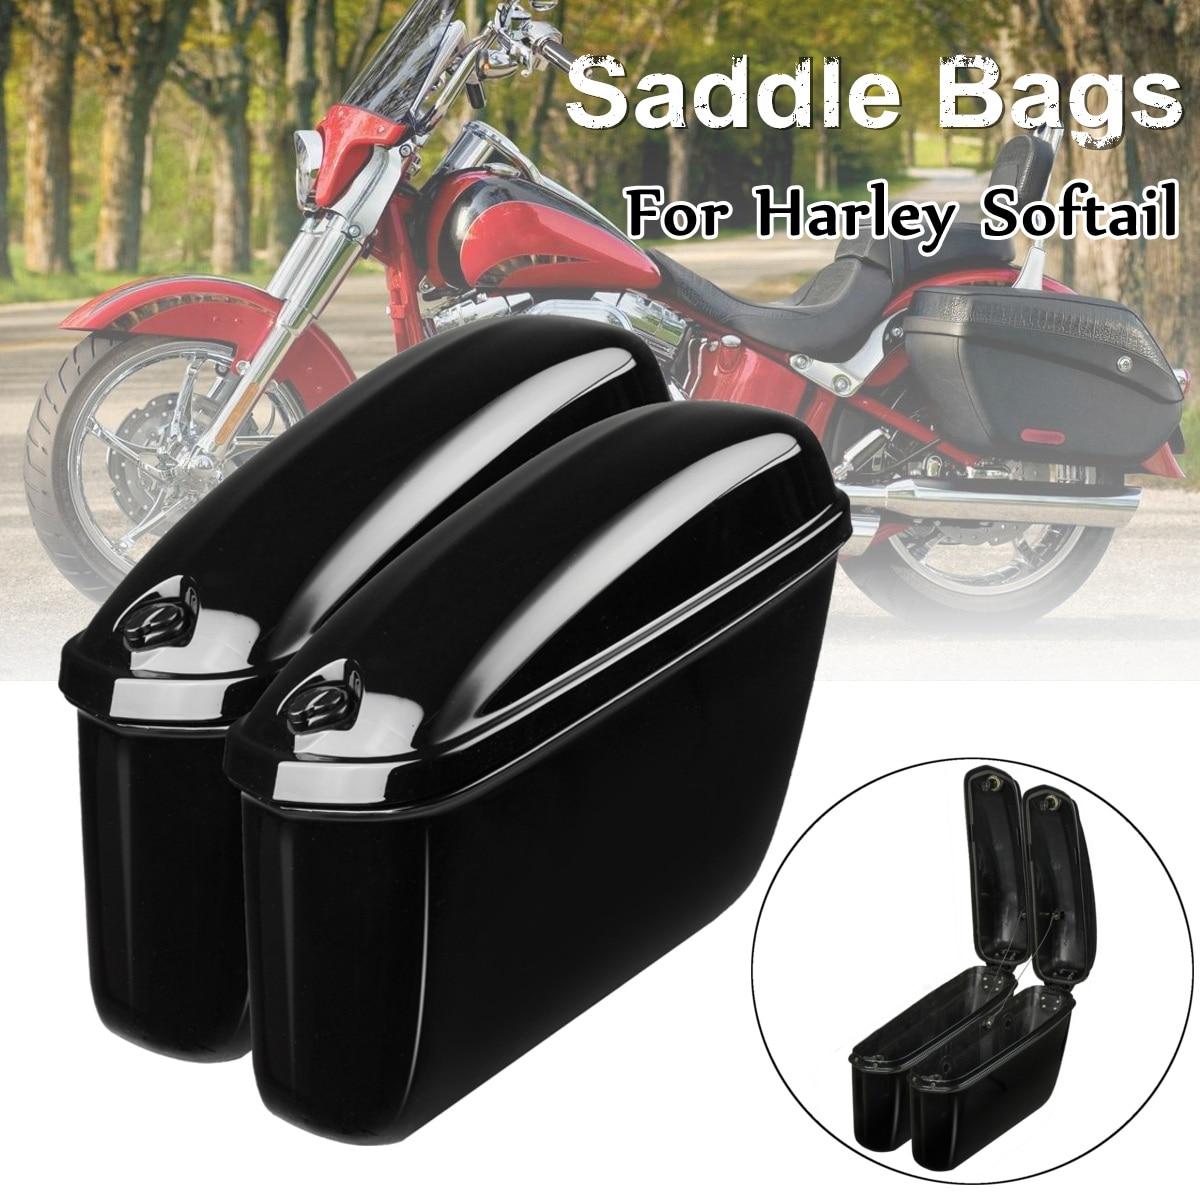 Par Motocicleta Tronco Lado Alforjes Sela Sacos de Moto em Couro Caixa Dura para Harley Softail